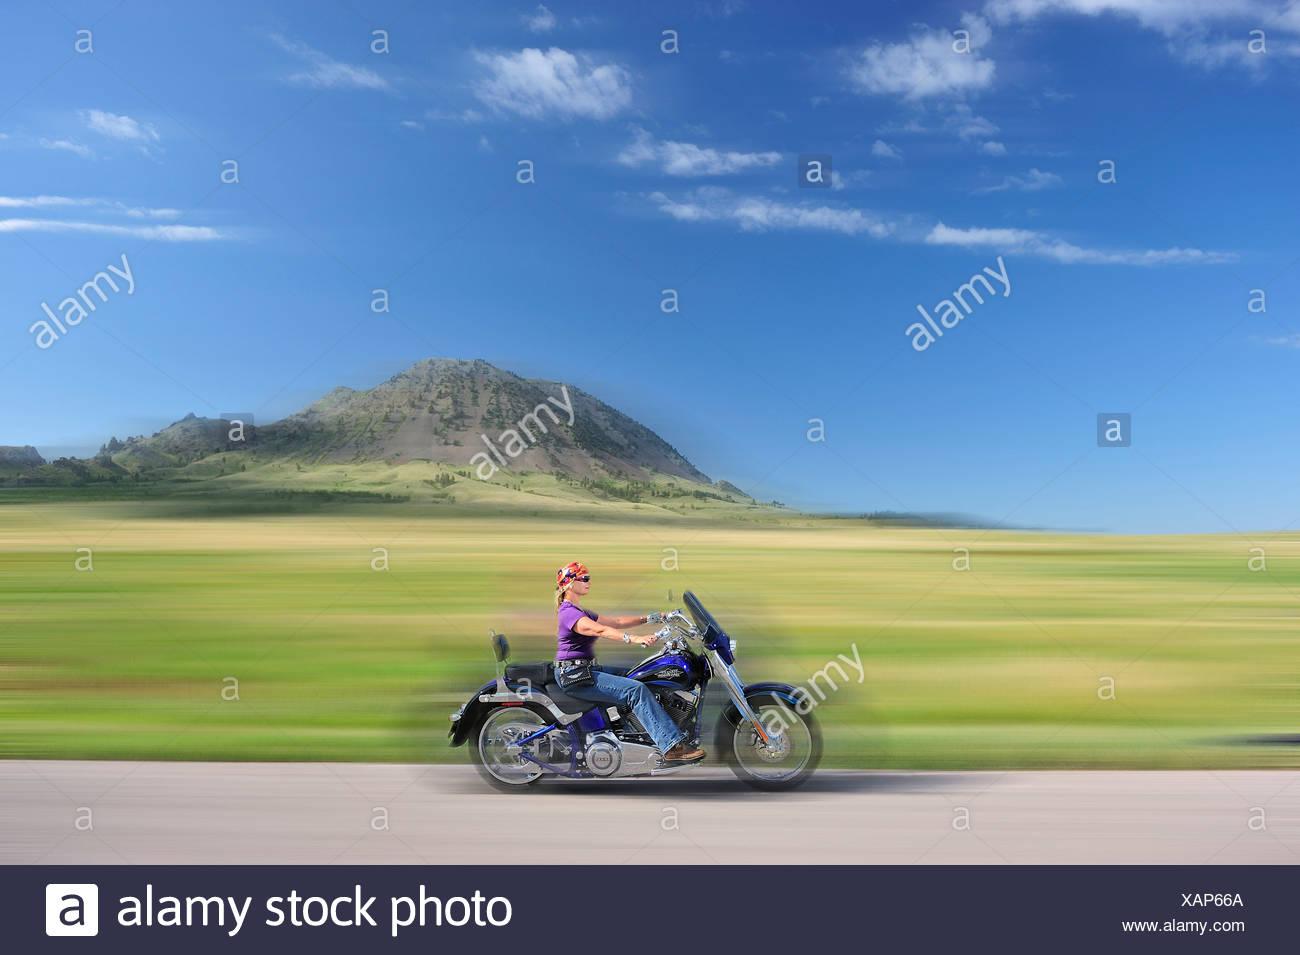 Velocidad, equitación, caminos abiertos, Sturgis, USA, Estados Unidos, América, América del Norte, Black Hills, Maurreen Doz, mujer, bicicleta, modelo rel Foto de stock